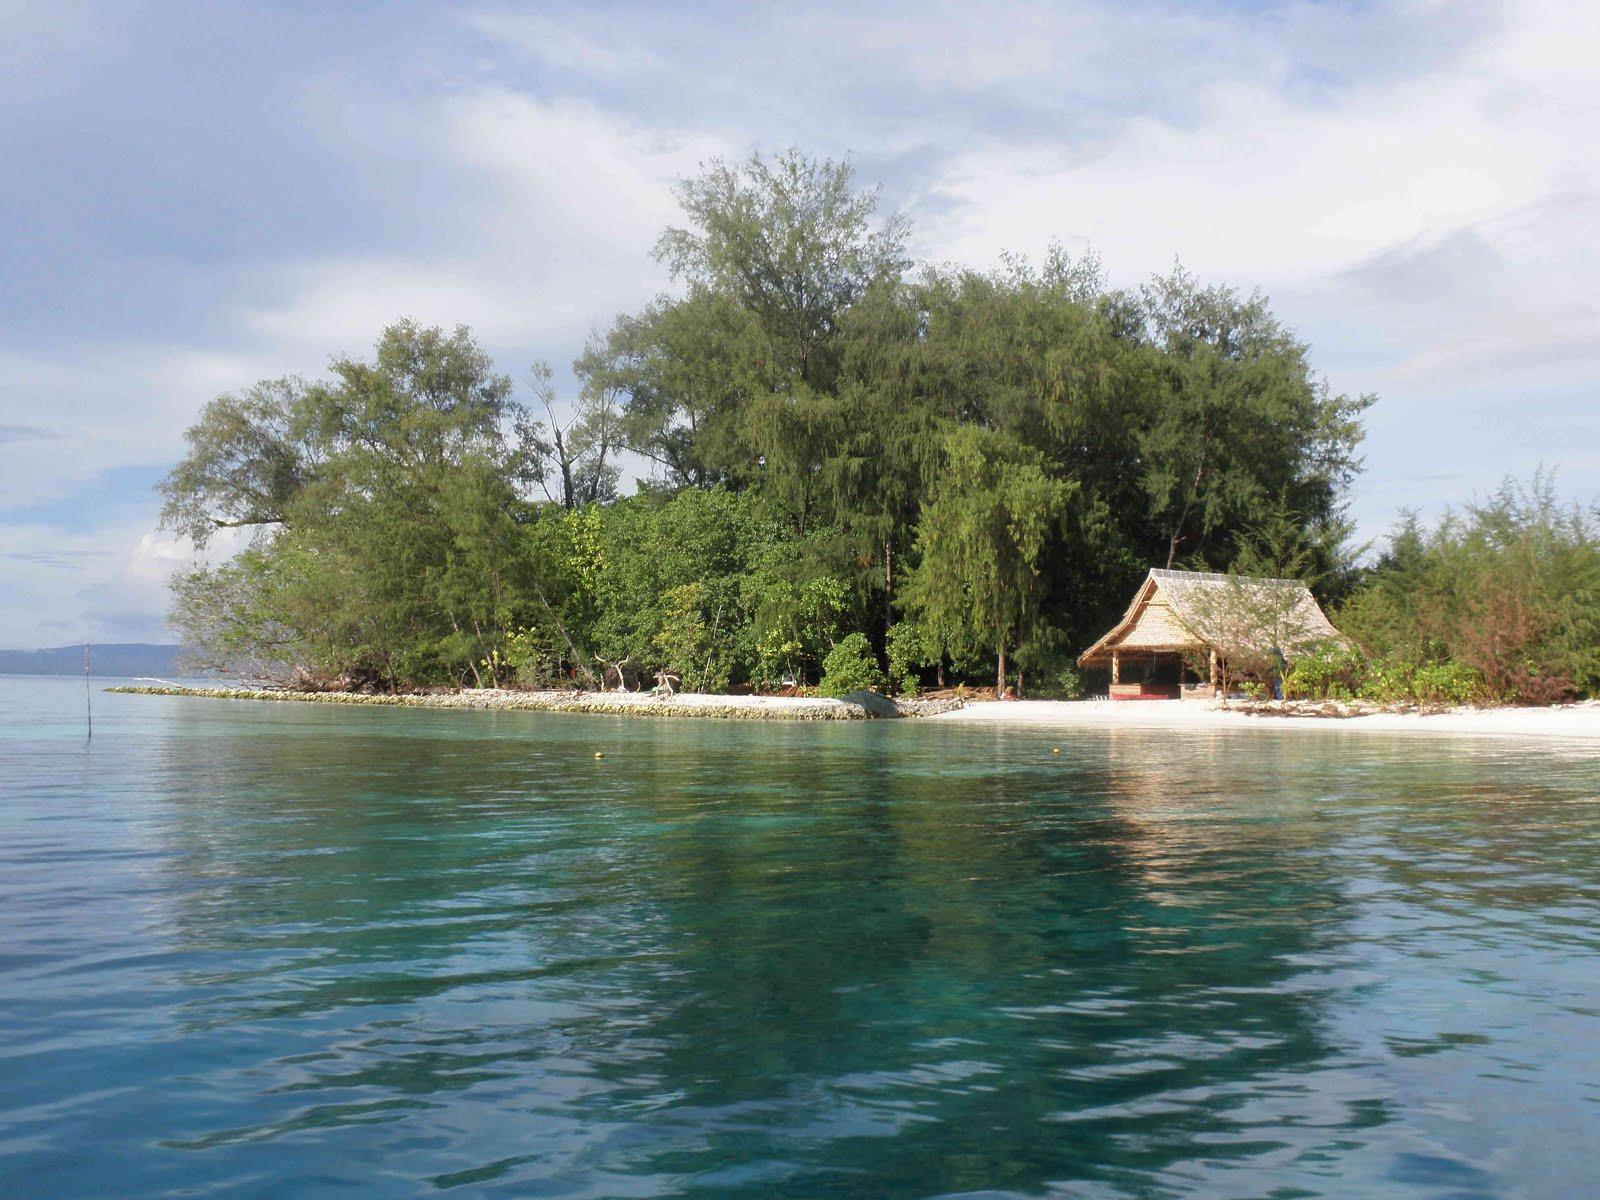 http://3.bp.blogspot.com/-AFQydkIjYqo/UYULAwSos8I/AAAAAAAAe_8/72y7nUinURw/s1600/Solomons%2BKennedy_Island%252C_Kasolo_Island.Wikimedia%2Bsml-702459.jpg